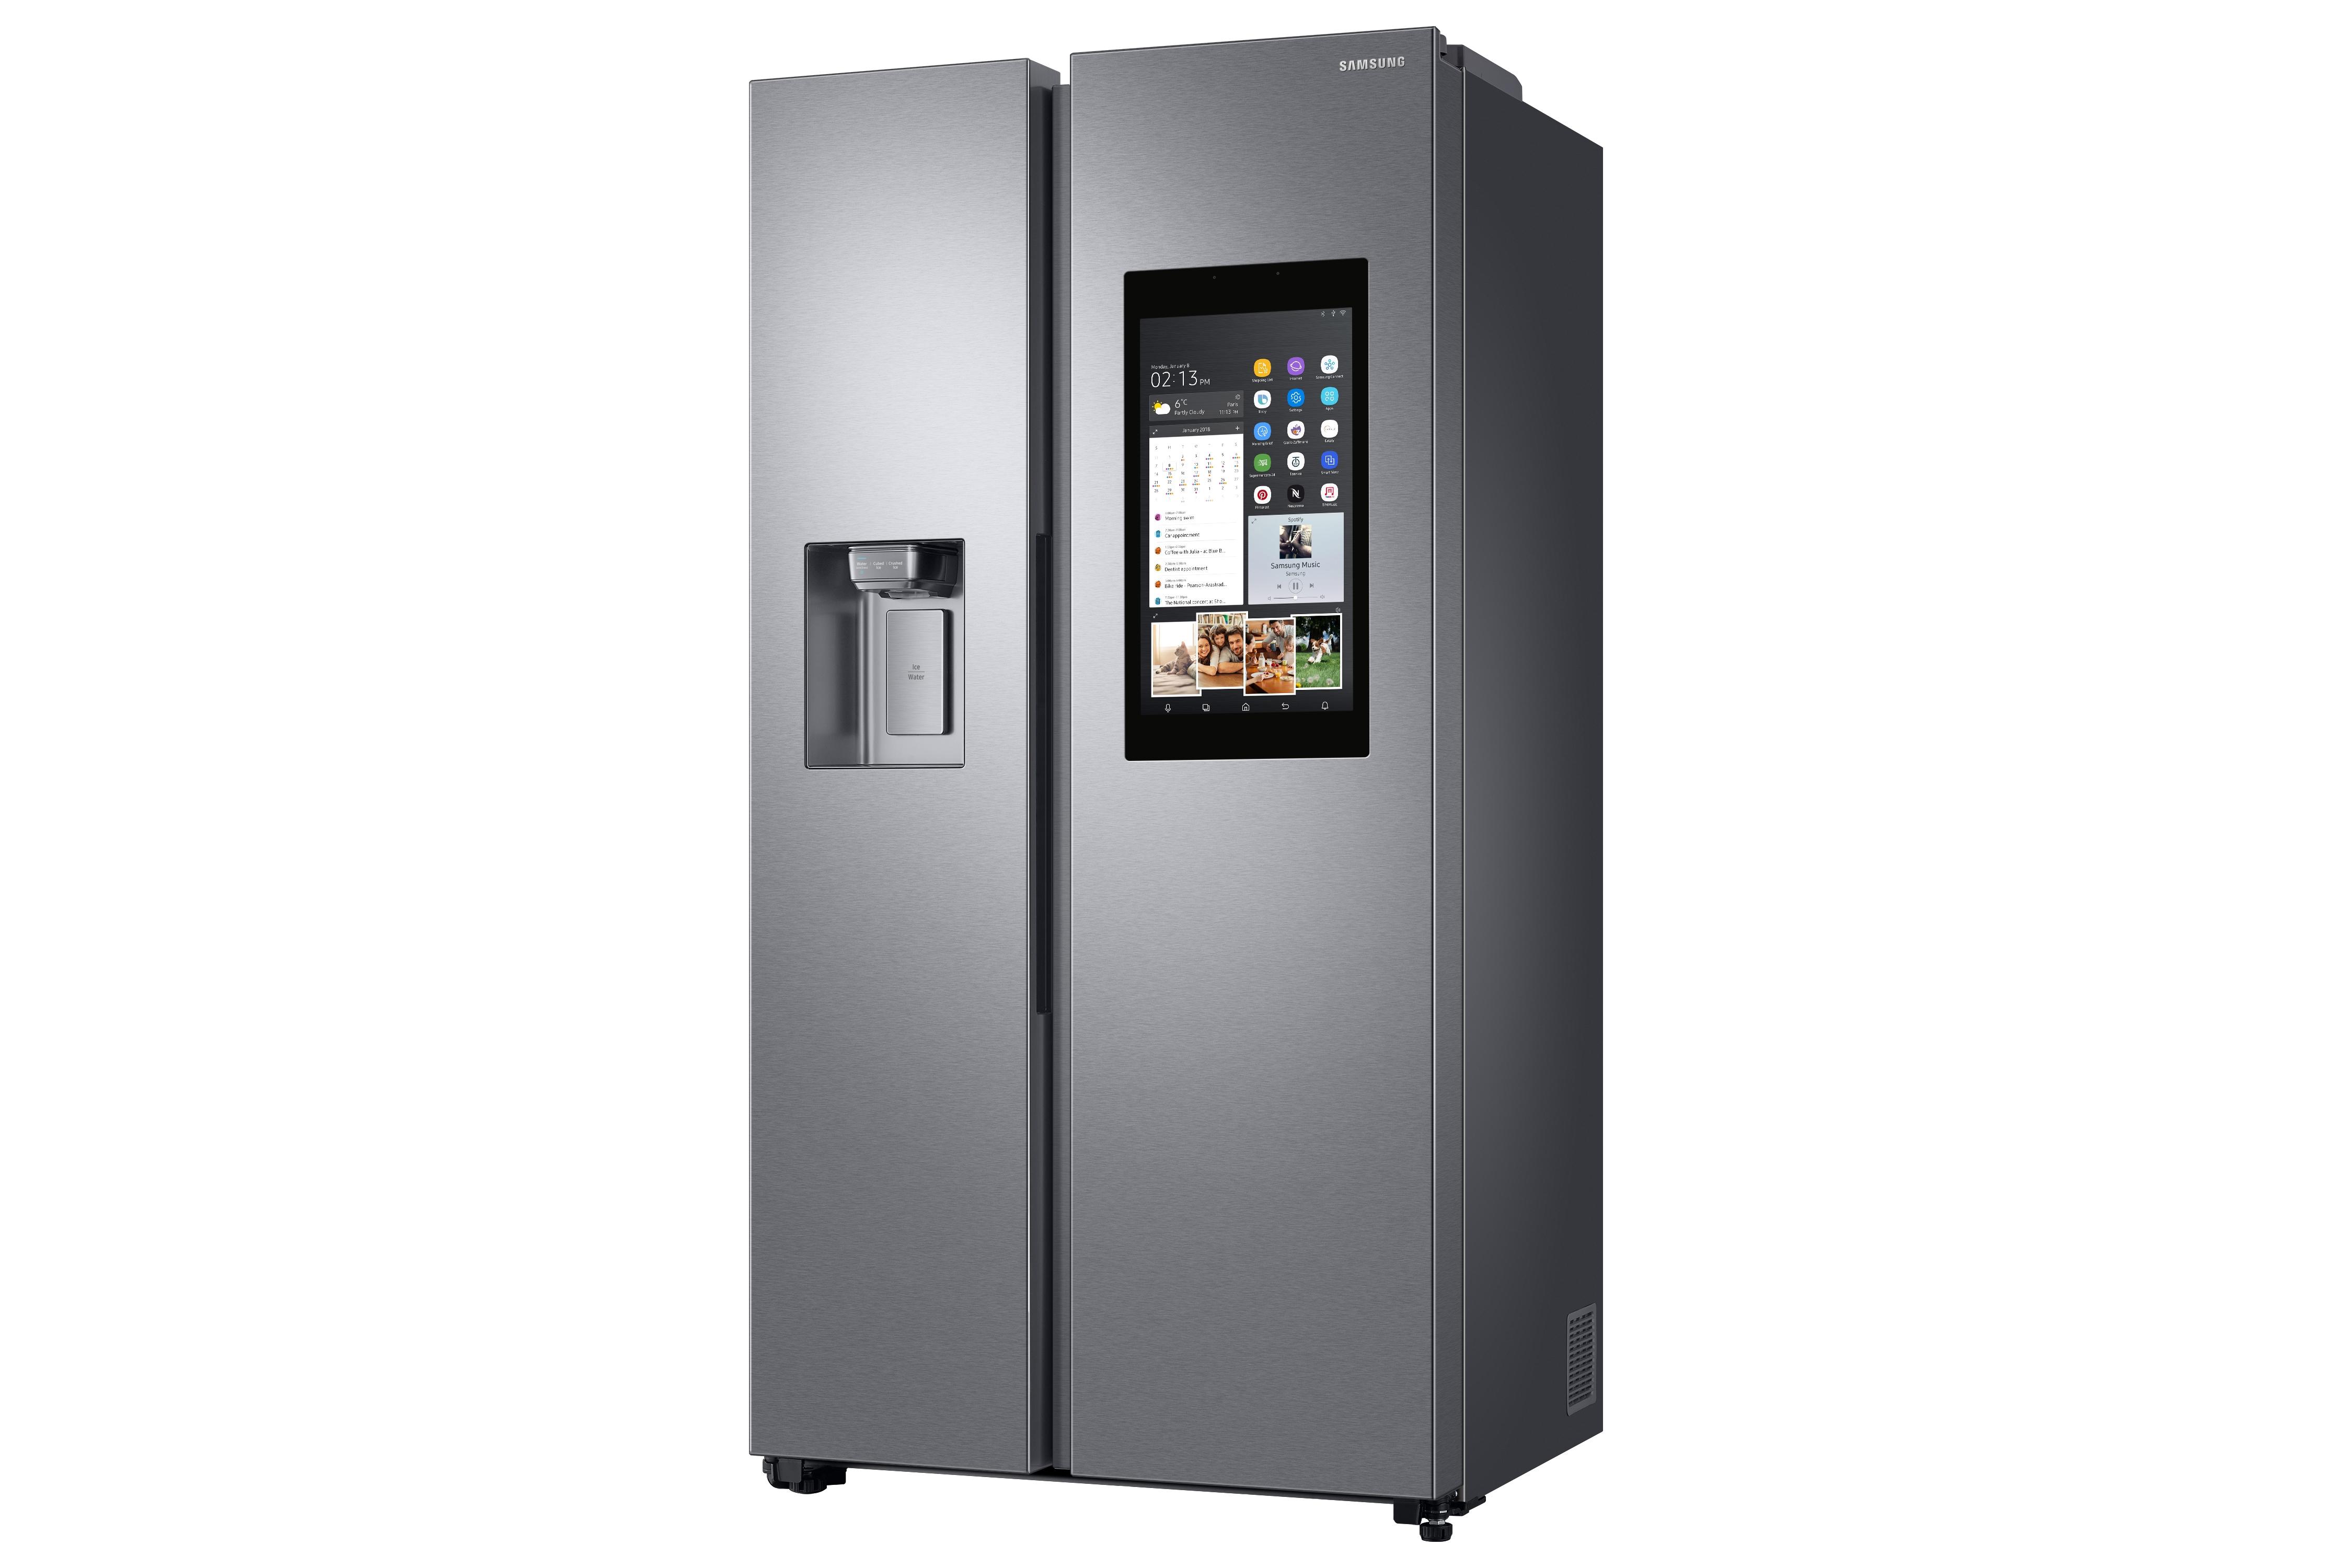 Siemens Kühlschrank Lock Ausschalten : Smart kochen: leckeres aus der vernetzten küche smartwohnen.de